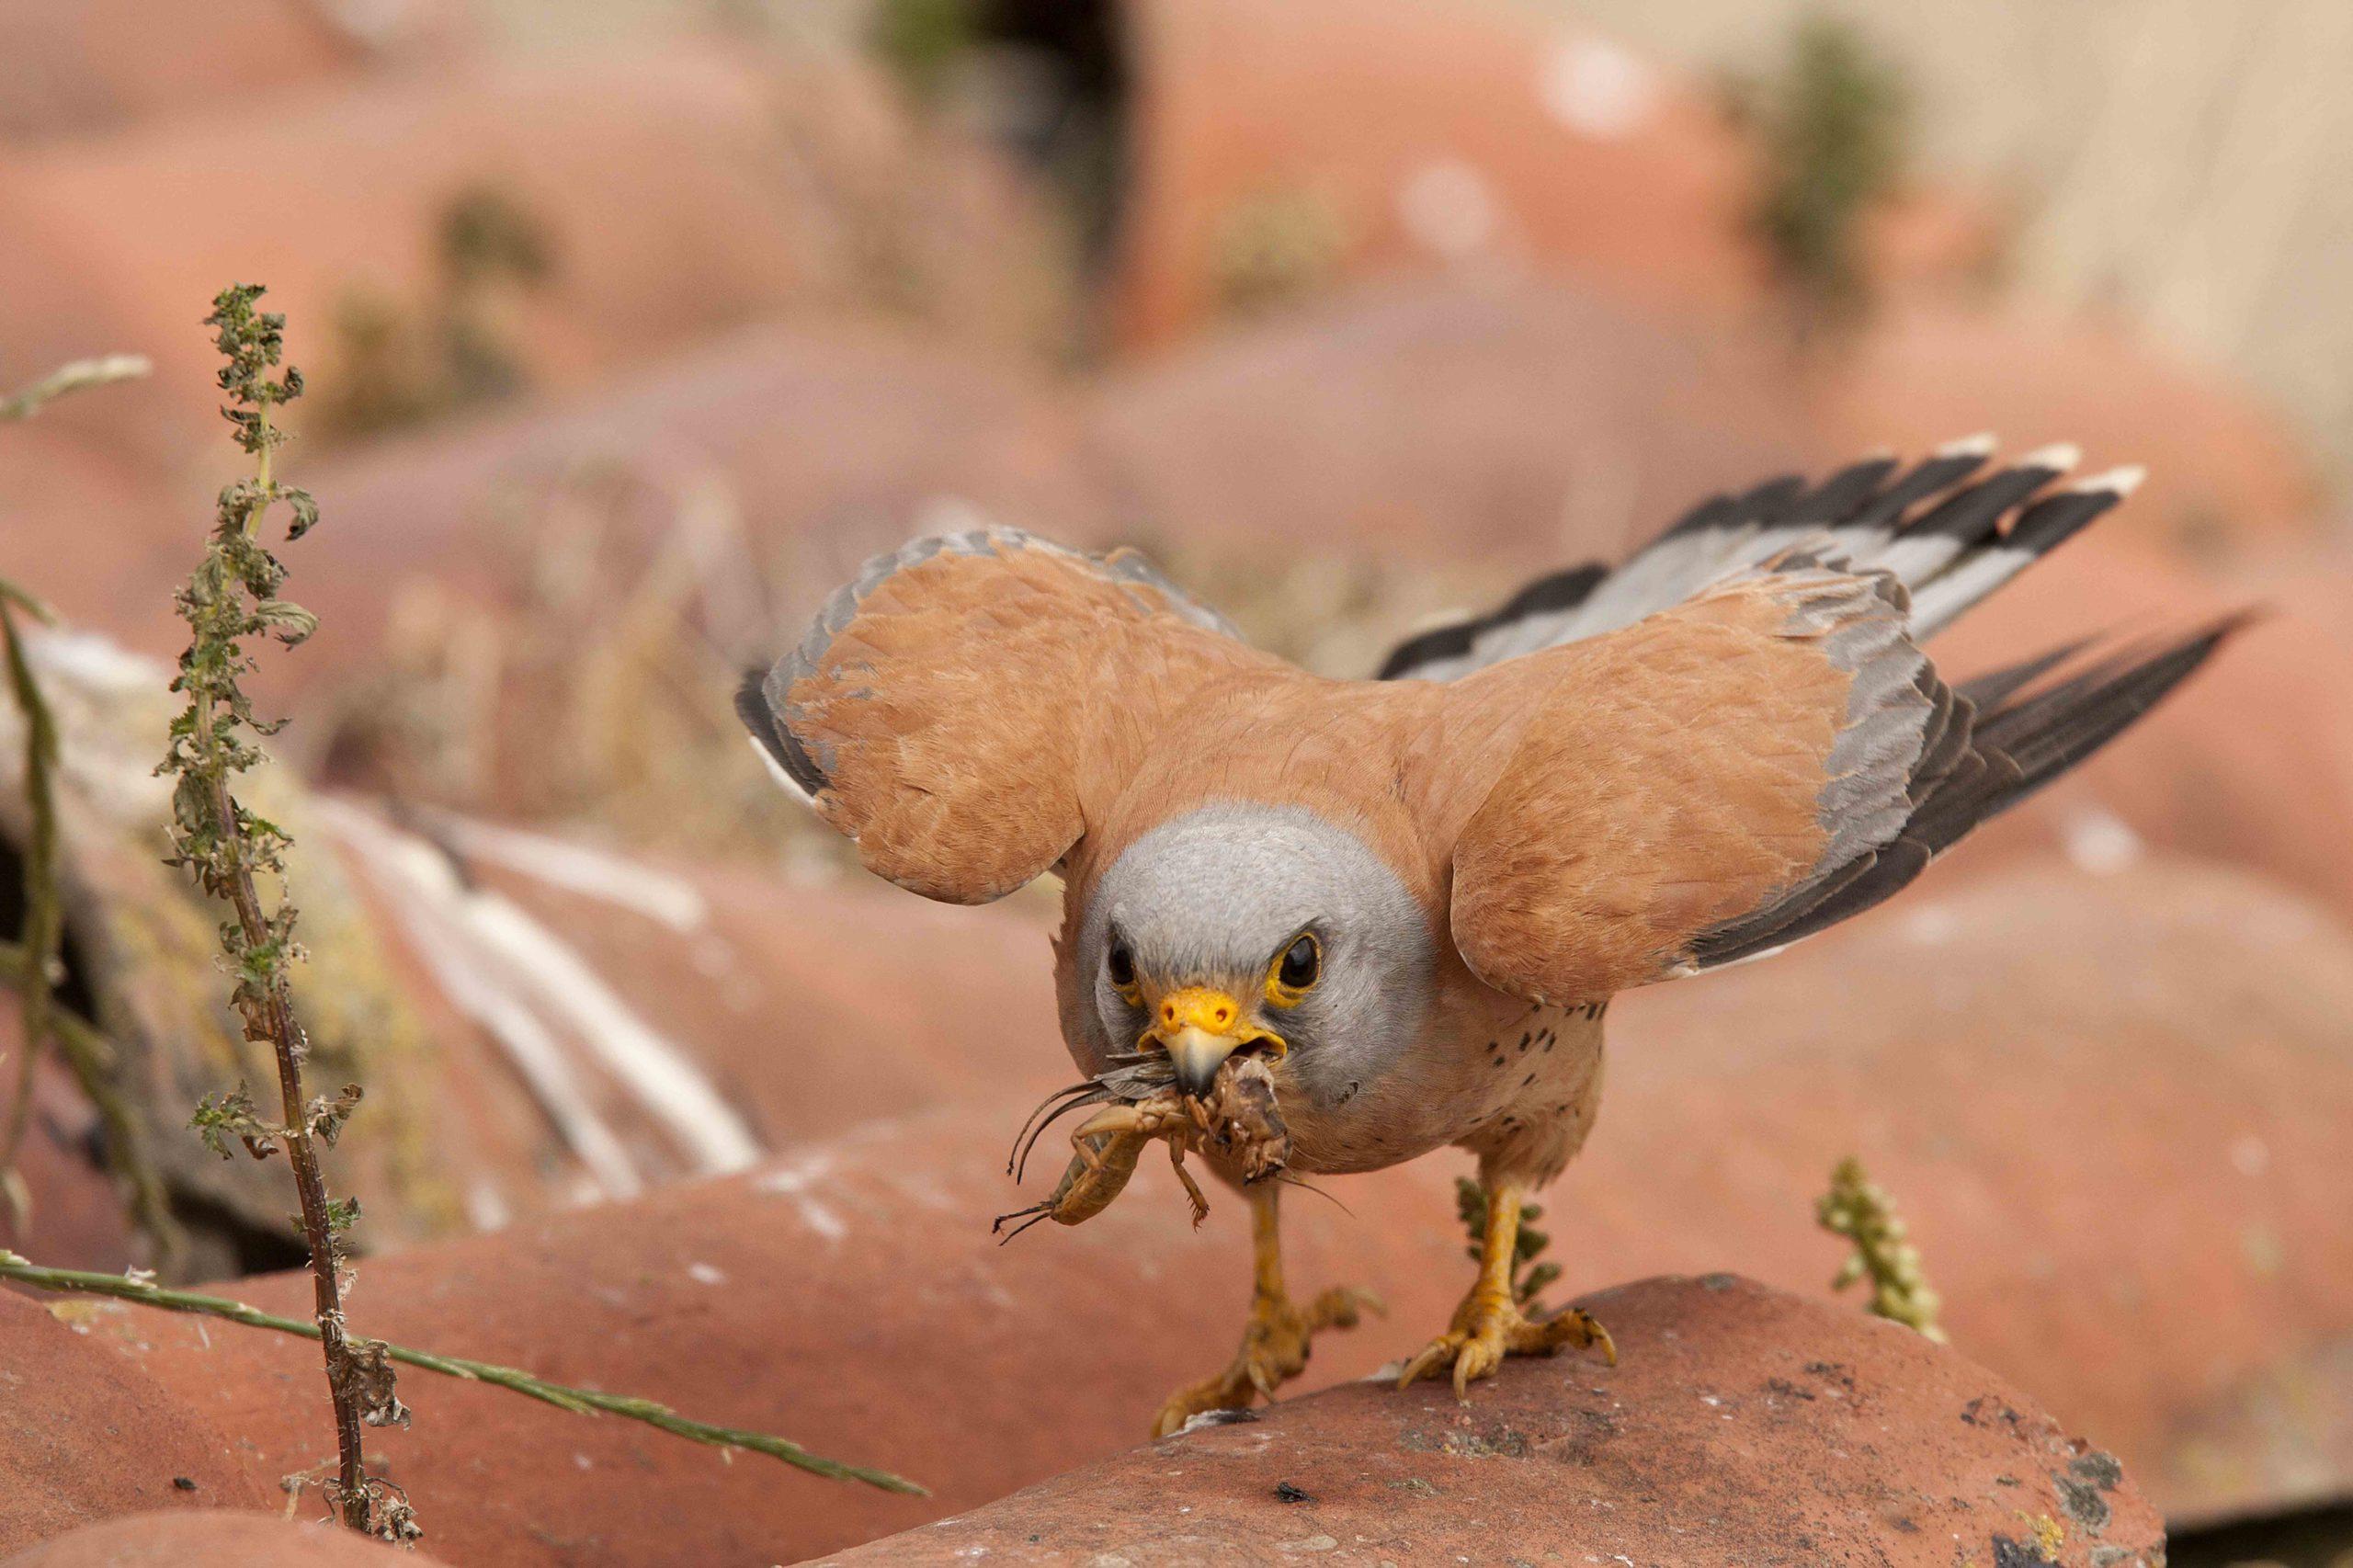 Vigilando la biodiversidad: especies que controlan plagas y benefician a la agricultura